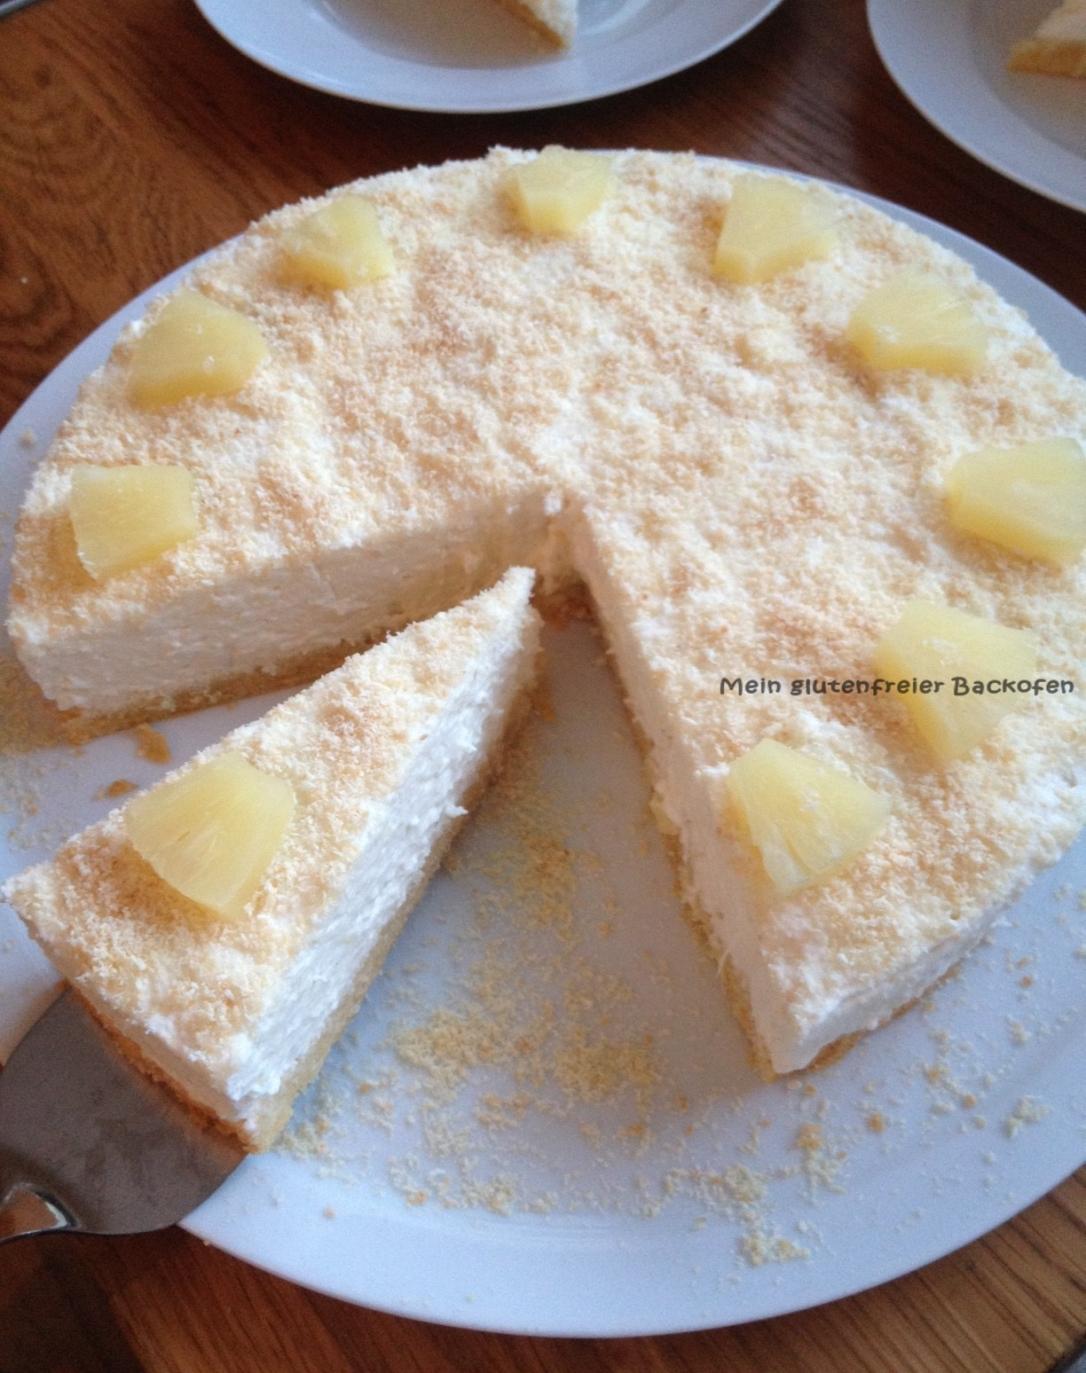 ananas-frischkc3a4setorte1.jpg